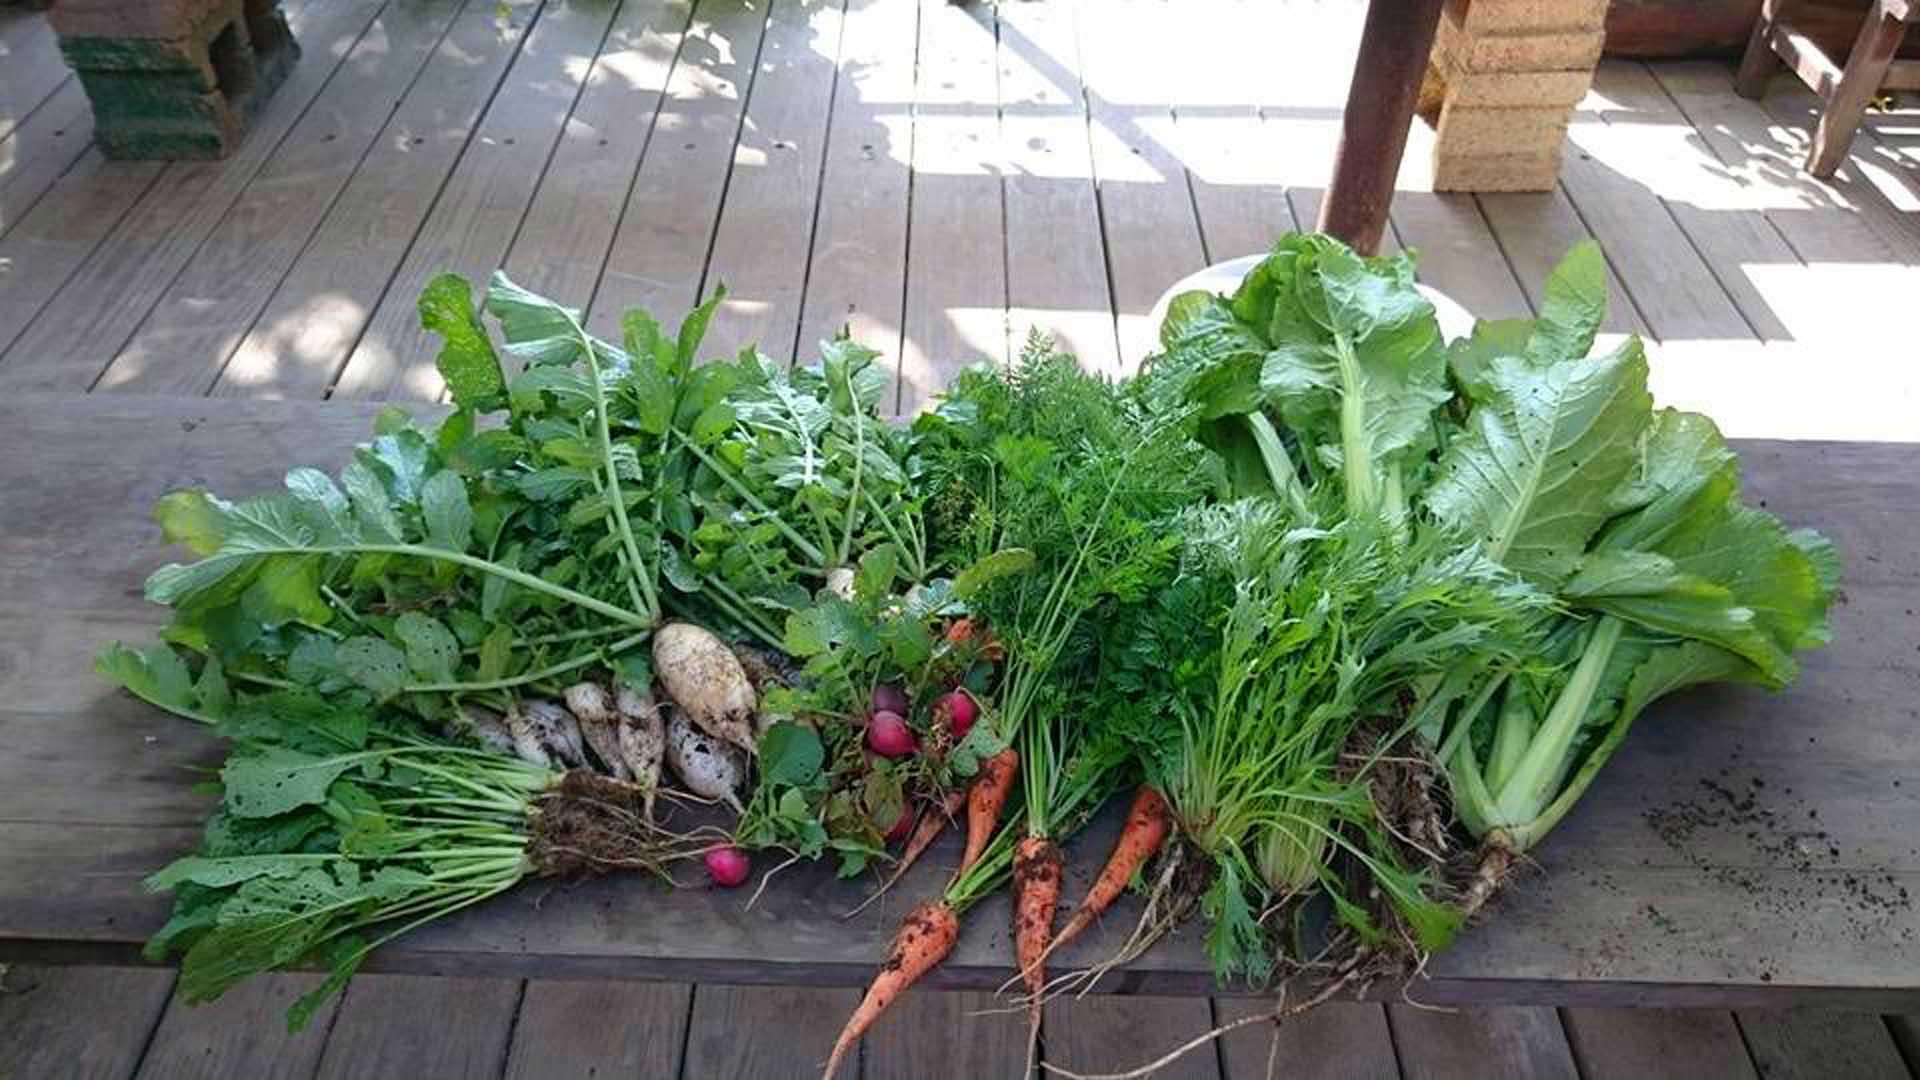 幸福農莊的活動包括想用自產天然季節料理,滋味豐盈。(圖/幸福農莊FB)